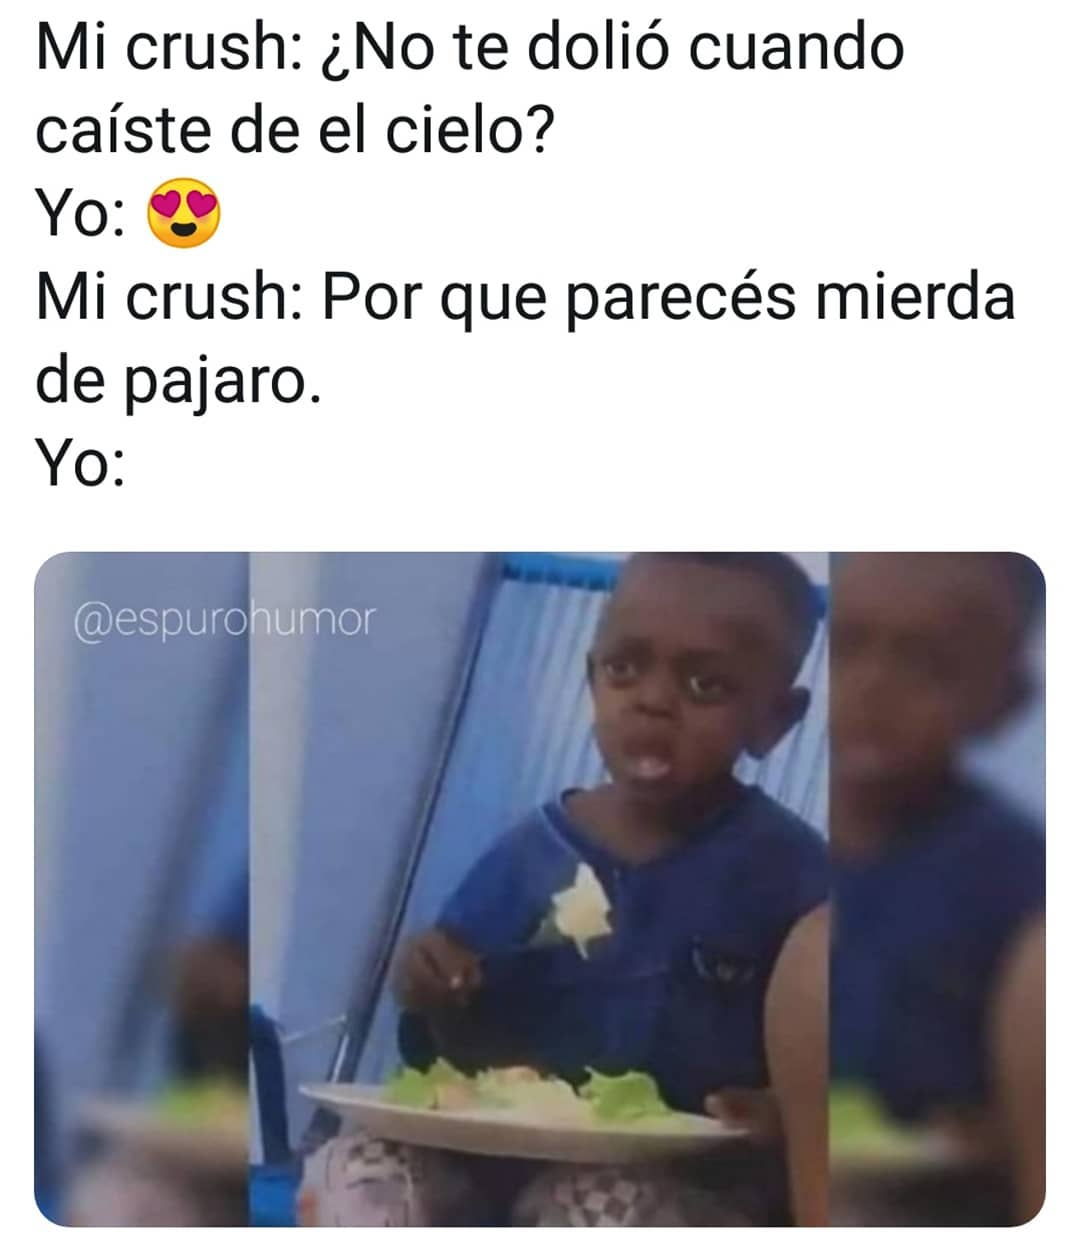 Mi crush: ¿No te dolió cuando caíste de el cielo?  Yo:  Mi crush: Por que parecés mierda de pajaro.